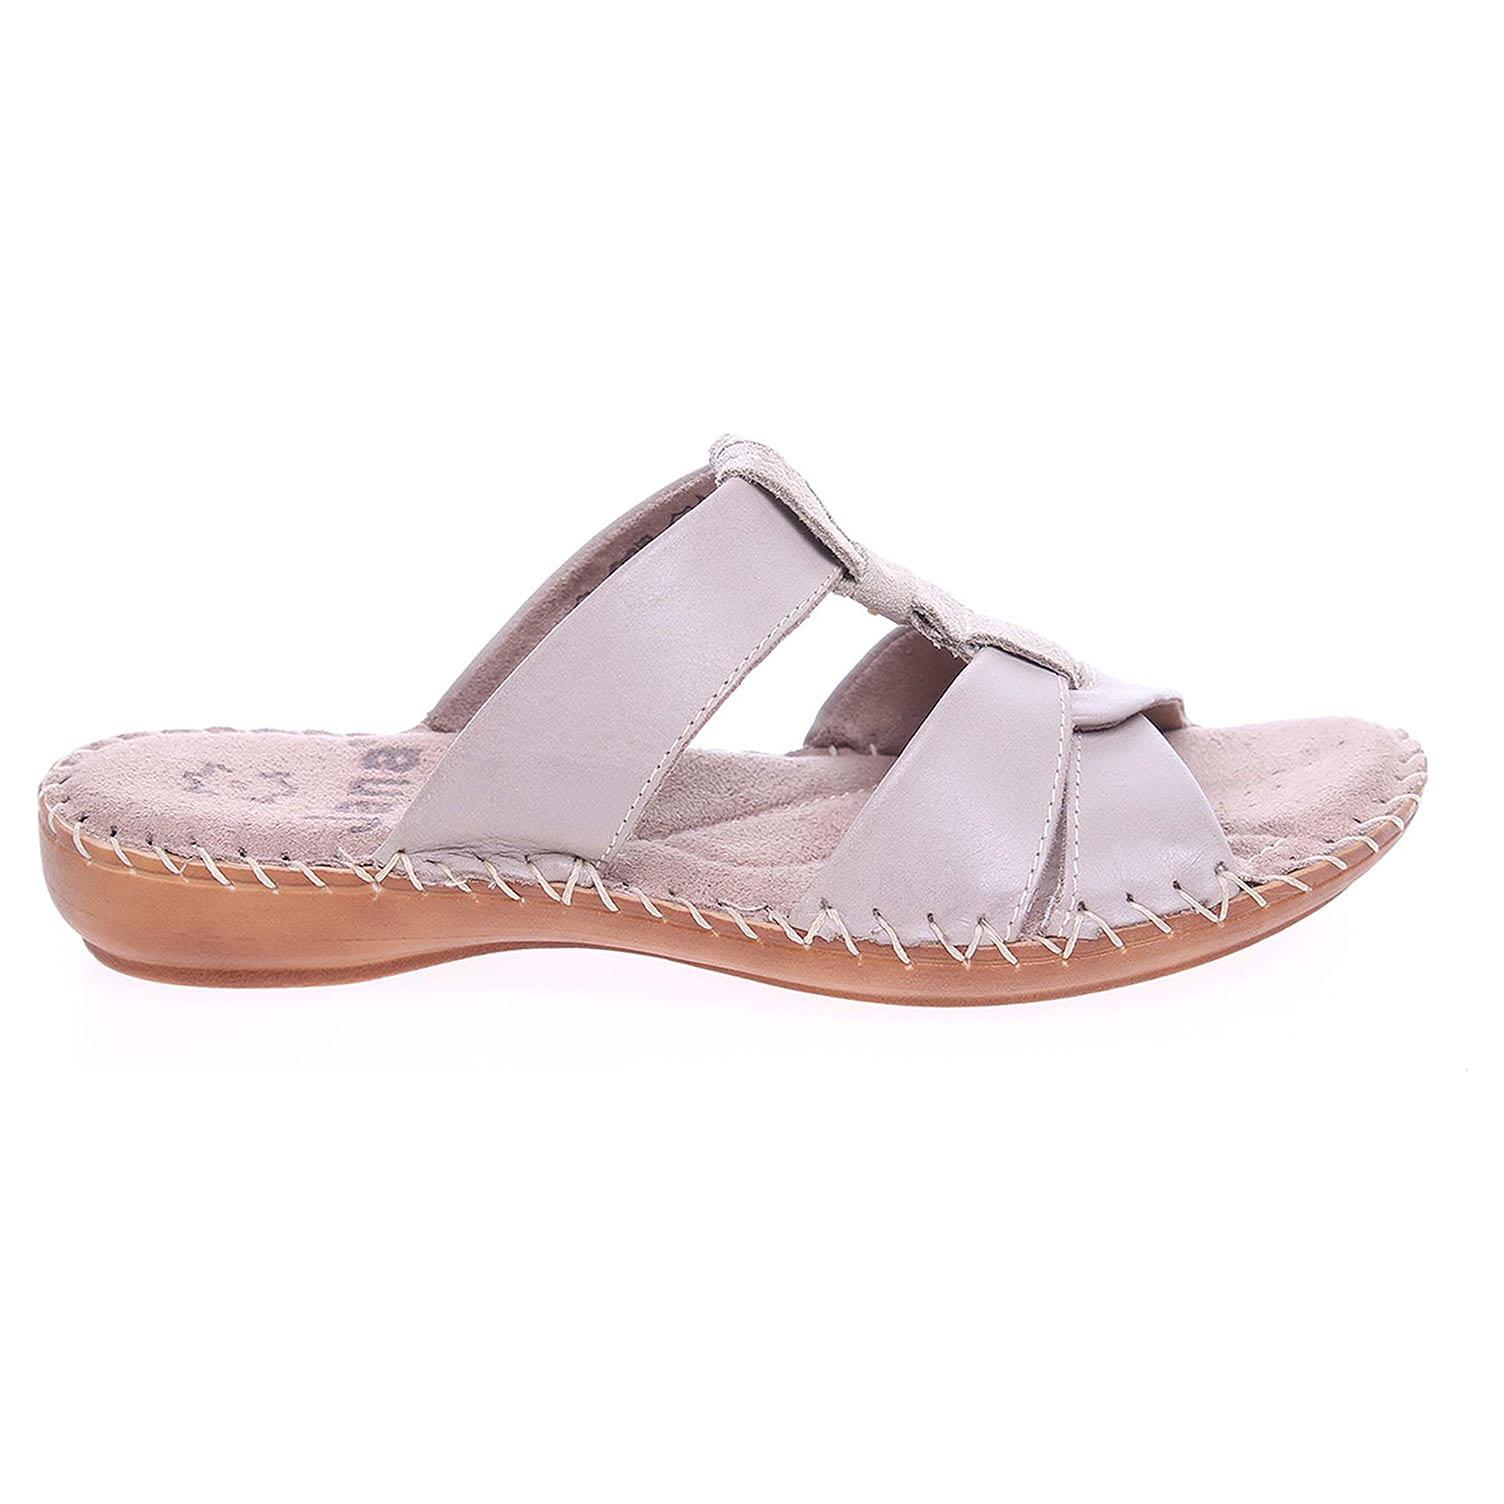 Ecco Jana dámské pantofle 8-27107-26 béžové 23600744